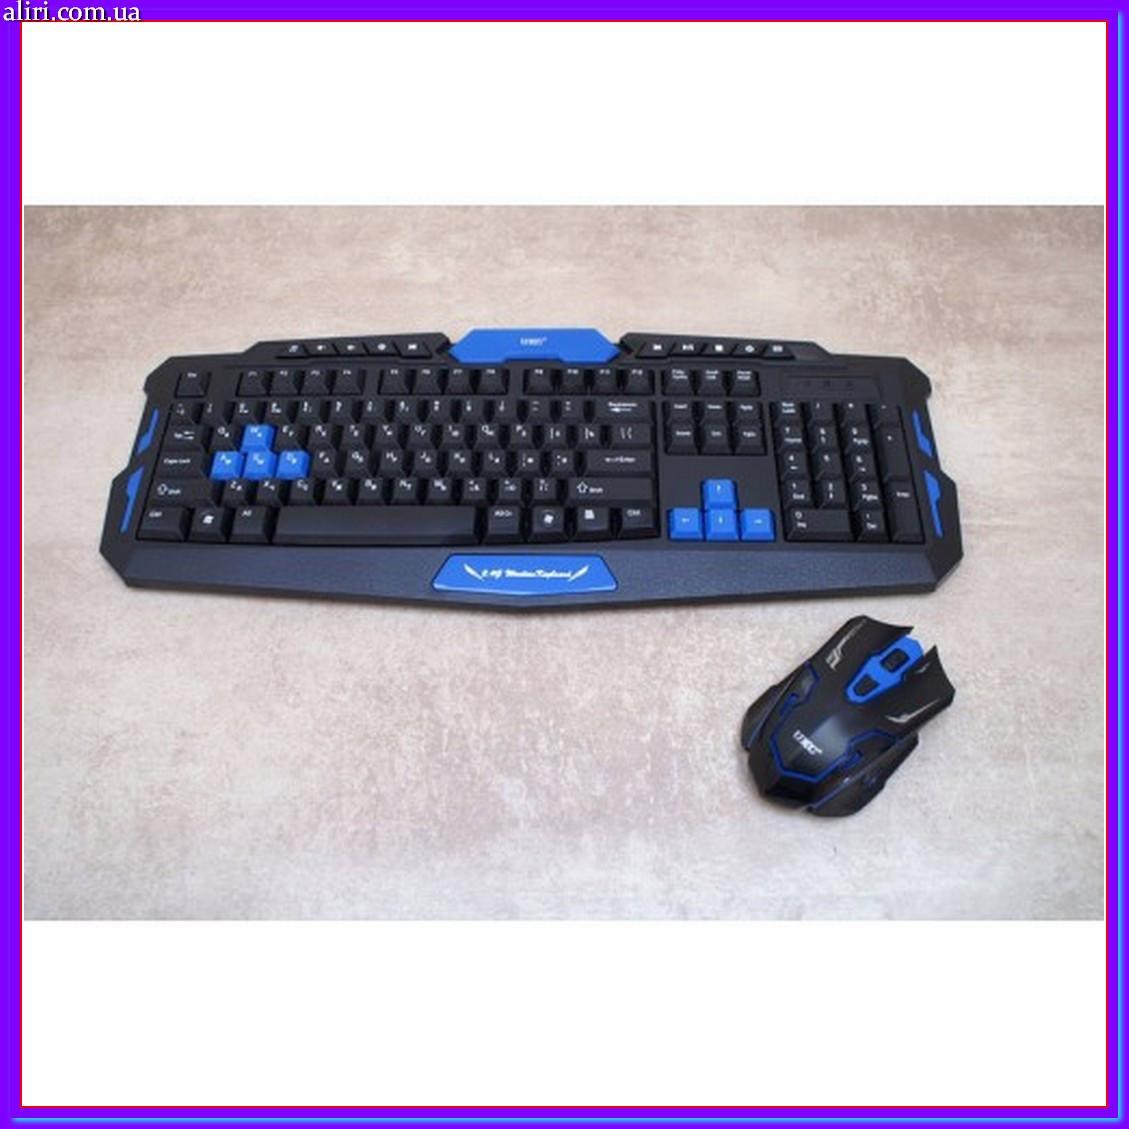 Игровая беспроводная клавиатура с мышкой HK8100